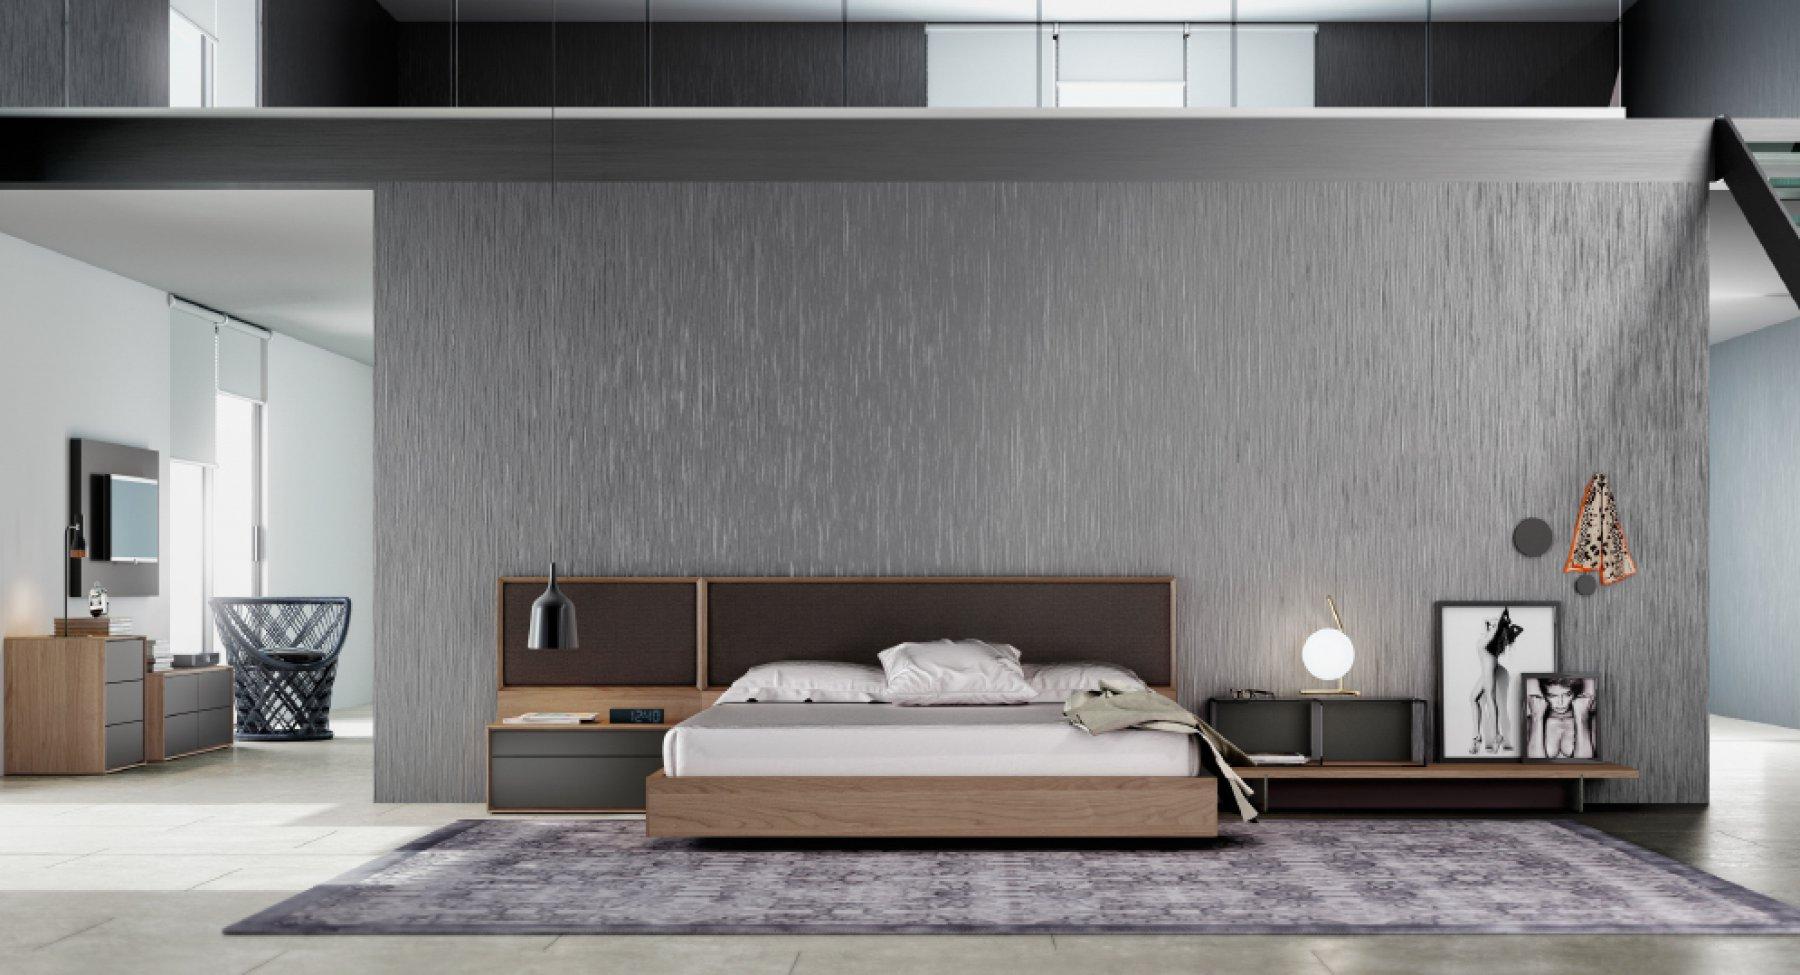 Dormitorios a medida emede mobiliario de dise o for Dormitorios a medida